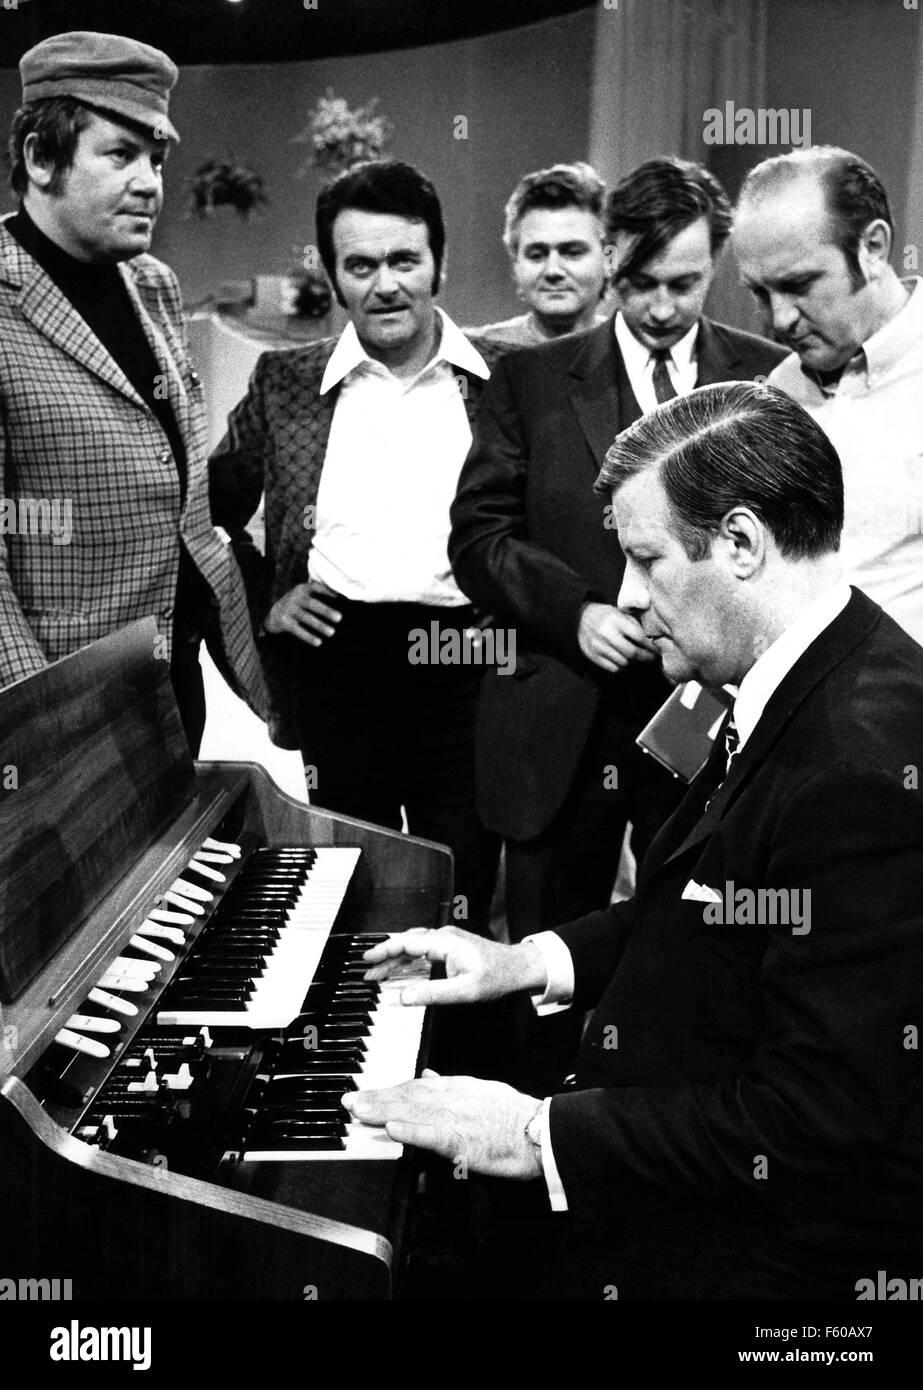 Helmut Schmidt órgano juega el 6 de julio de 1972, en la ZDF studio en Wiesbaden. Wim Thoelke (L) y Max Greger (segunda desde la izquierda) están observando a él. El 23 de diciembre de 2003, Schmidt hace 85 años. Foto de stock